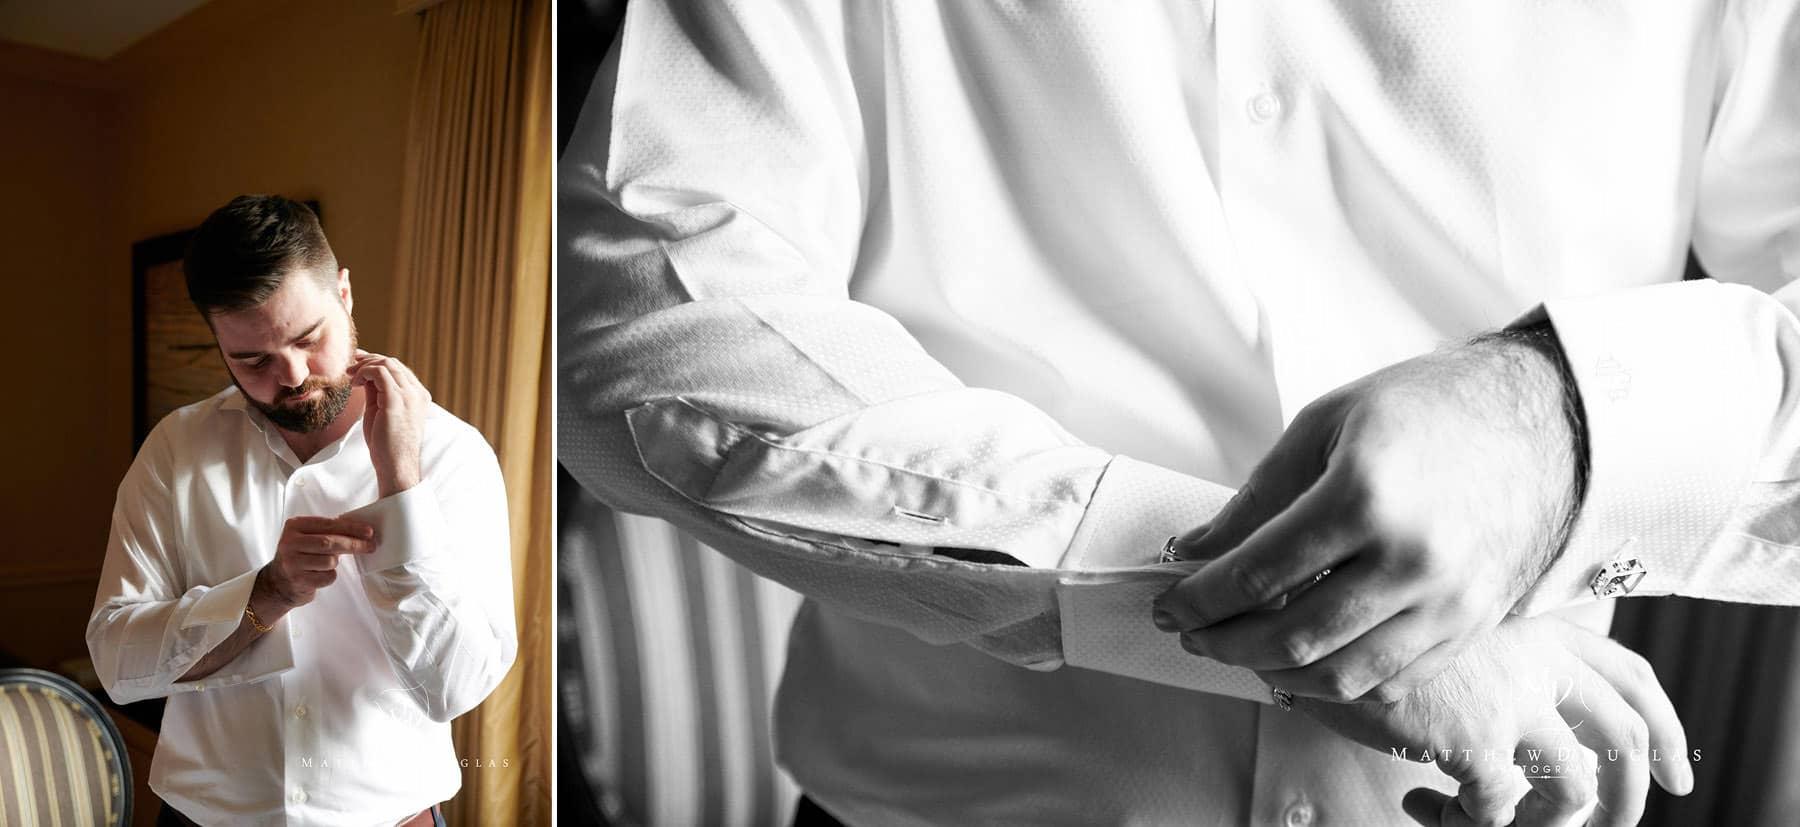 lambertville station inn wedding groom prep photo